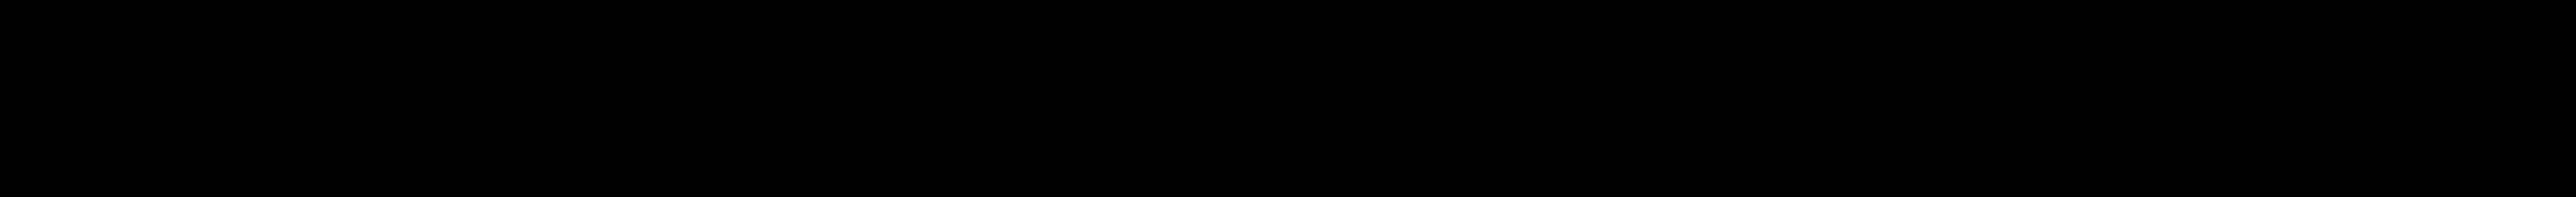 Image-ten